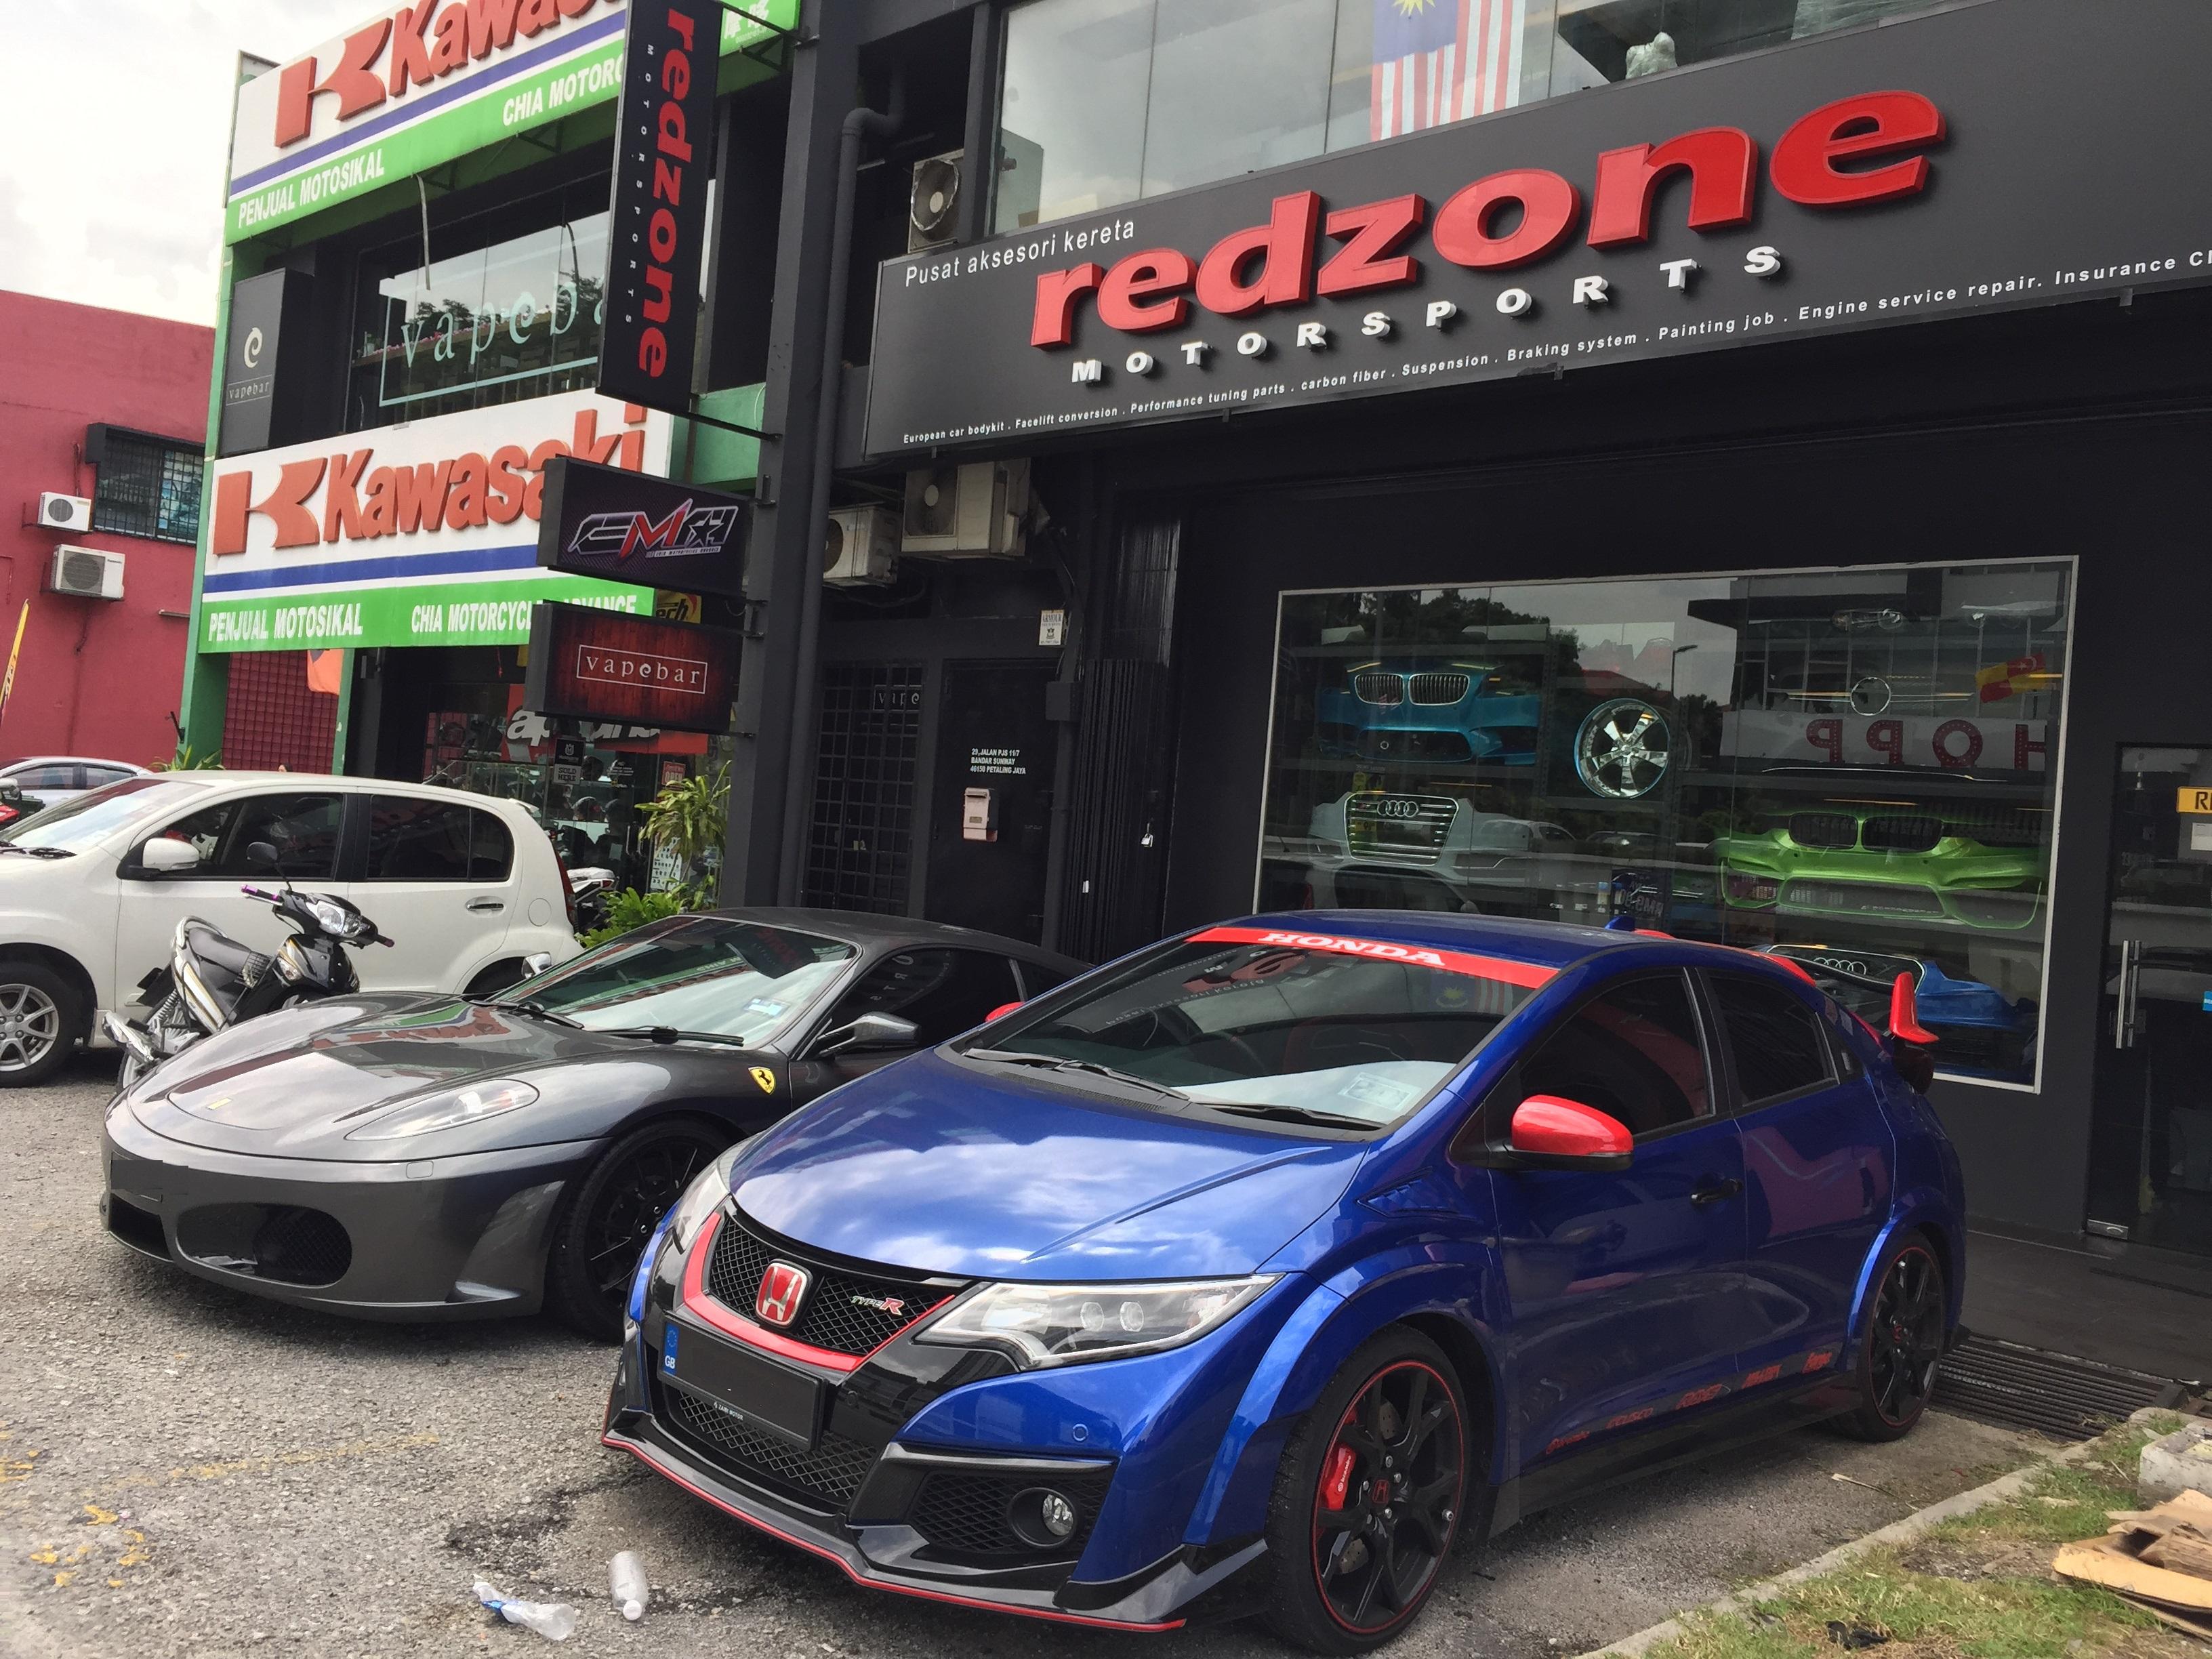 Redzone motorsports | Redzone Motorsports Bandar Sunway